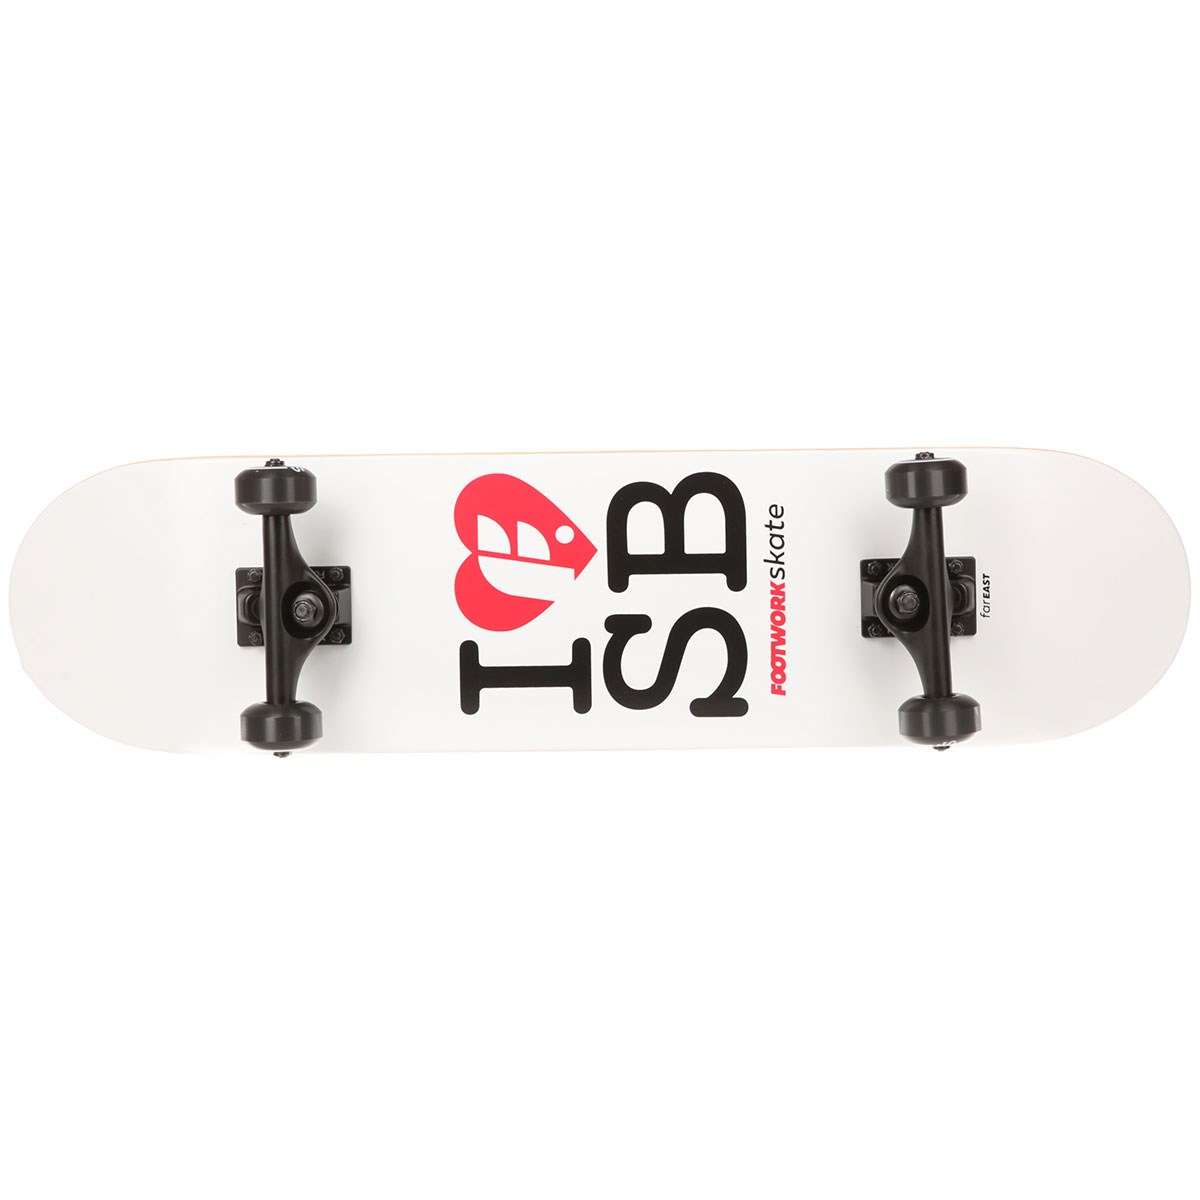 Скейтборд в сборе Footwork (I F SB Размер 7.87 x 31.375 )